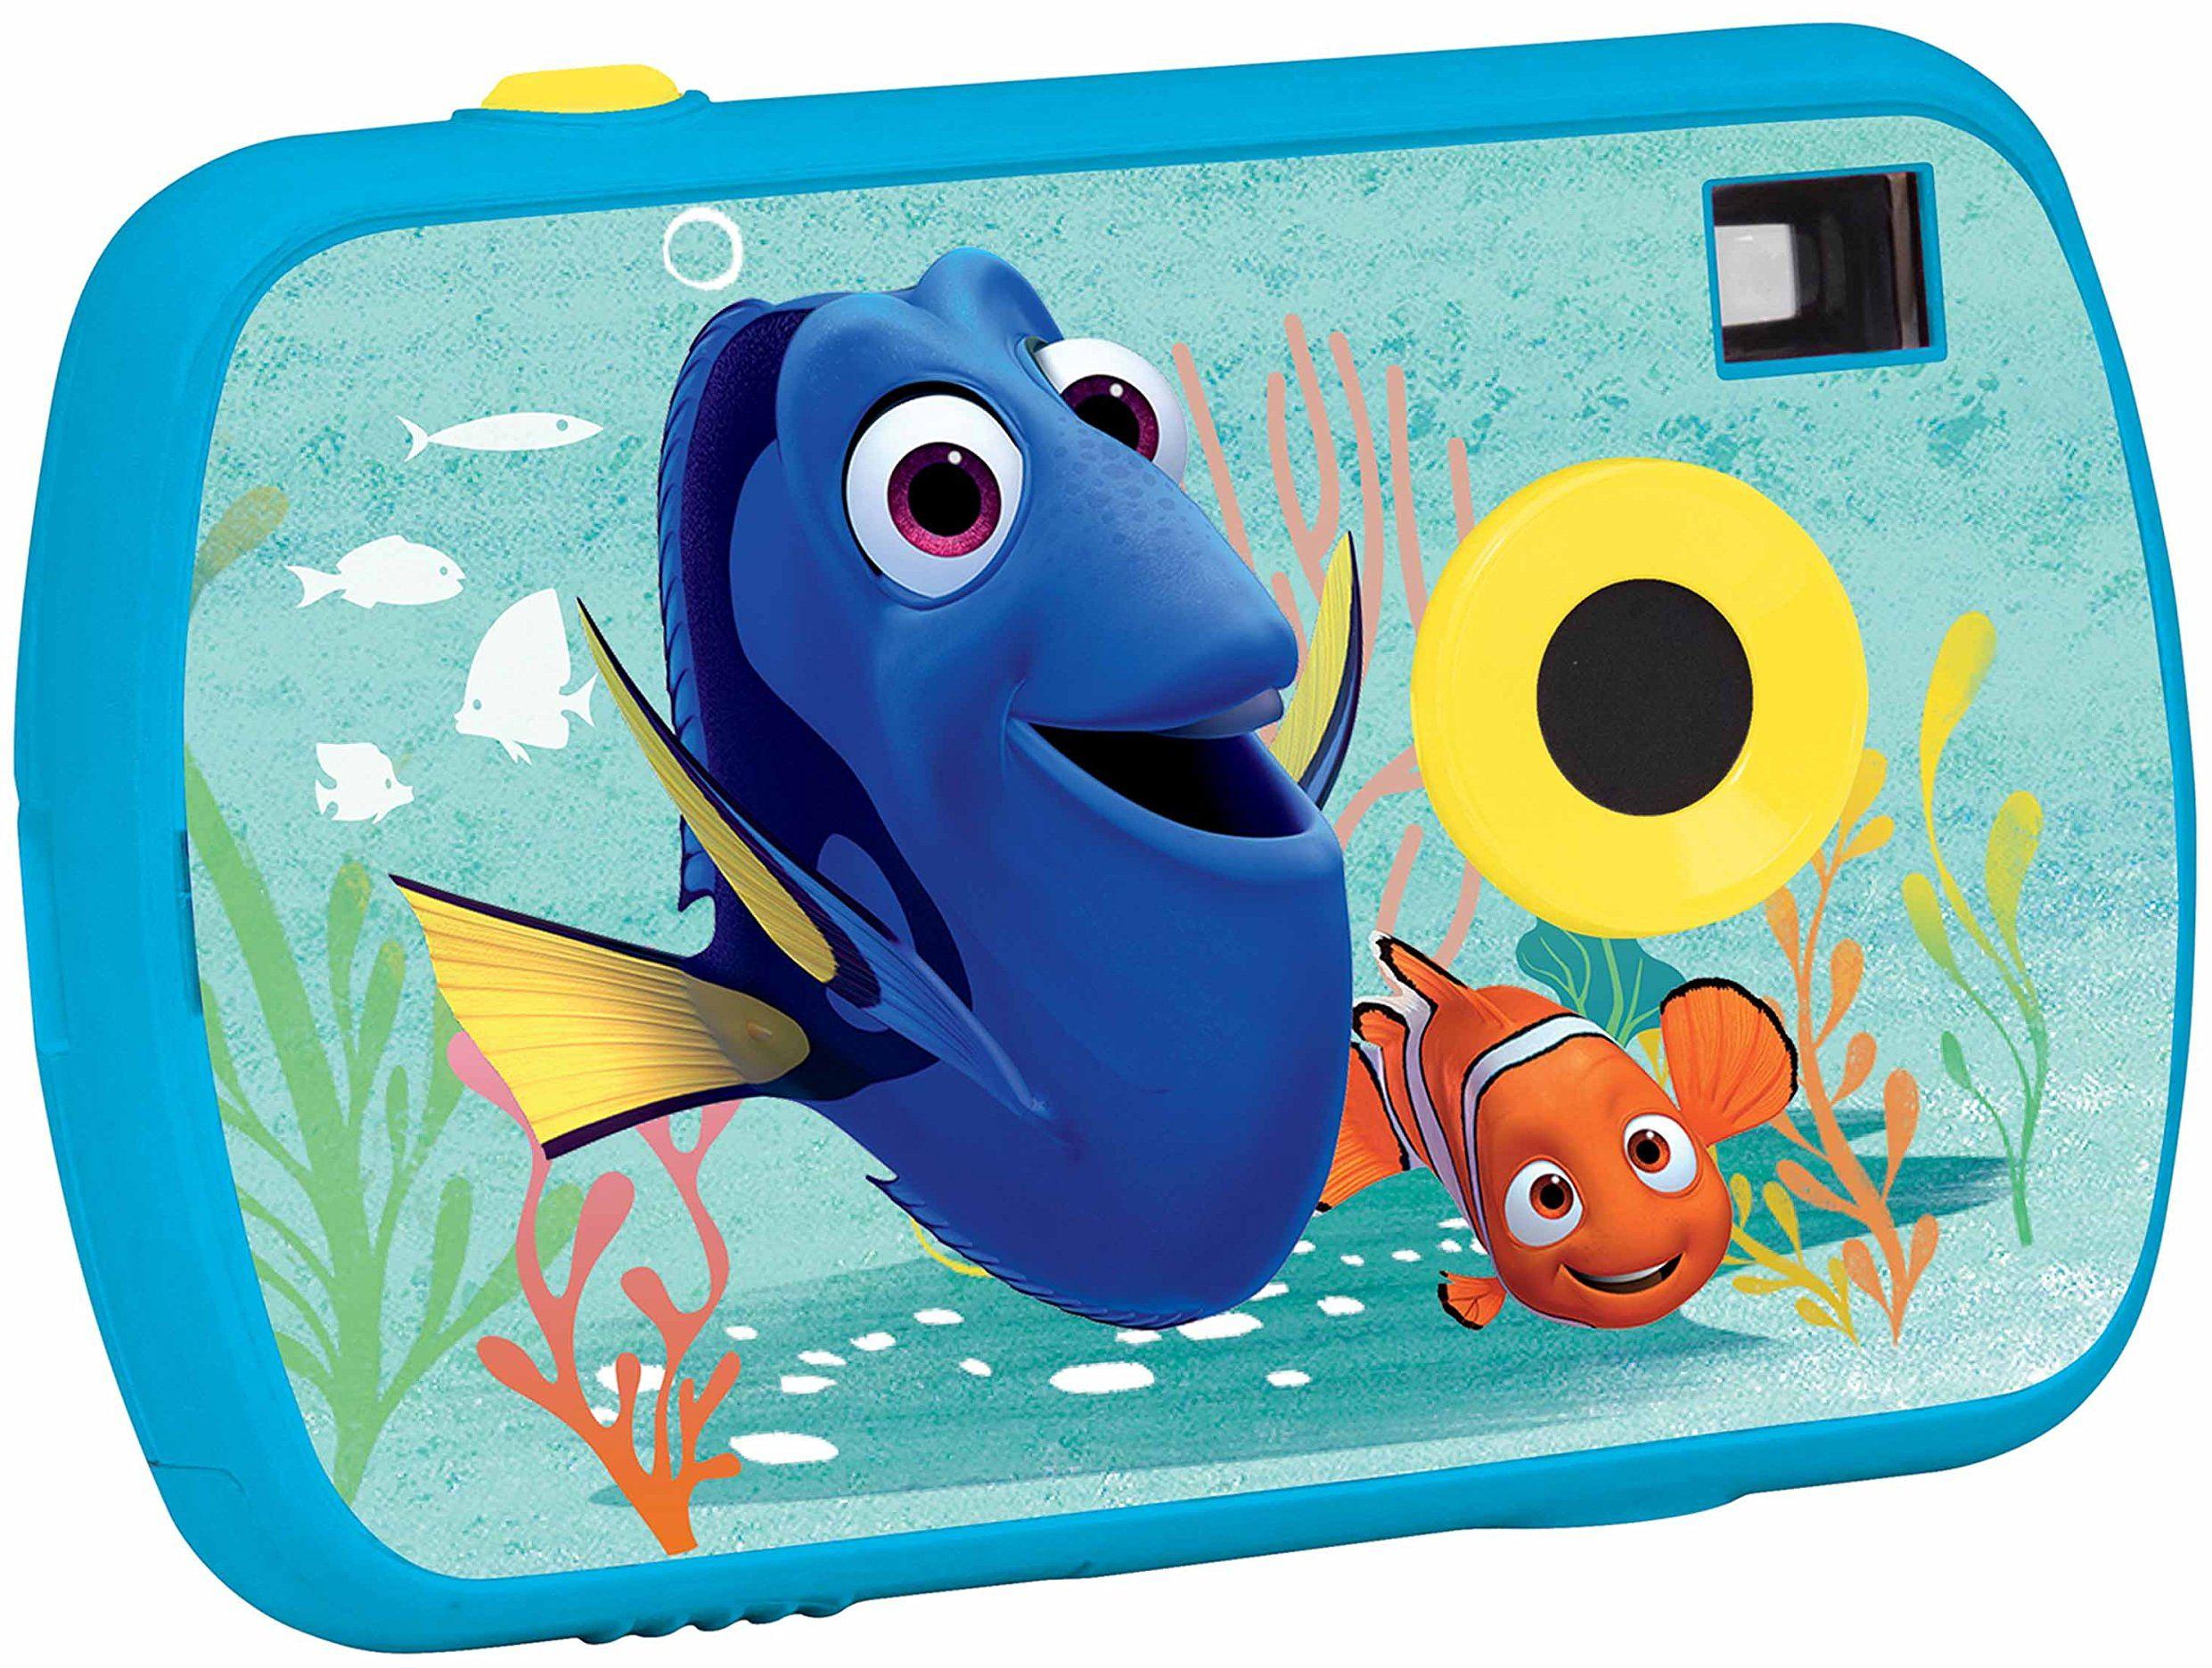 Lexibook Disney Finding Dory Marlin 1,3 MP aparat cyfrowy, ekran LCD, pamięć do przechowywania do 624 zdjęć, tryb wideo, niebieski, DJ017DO